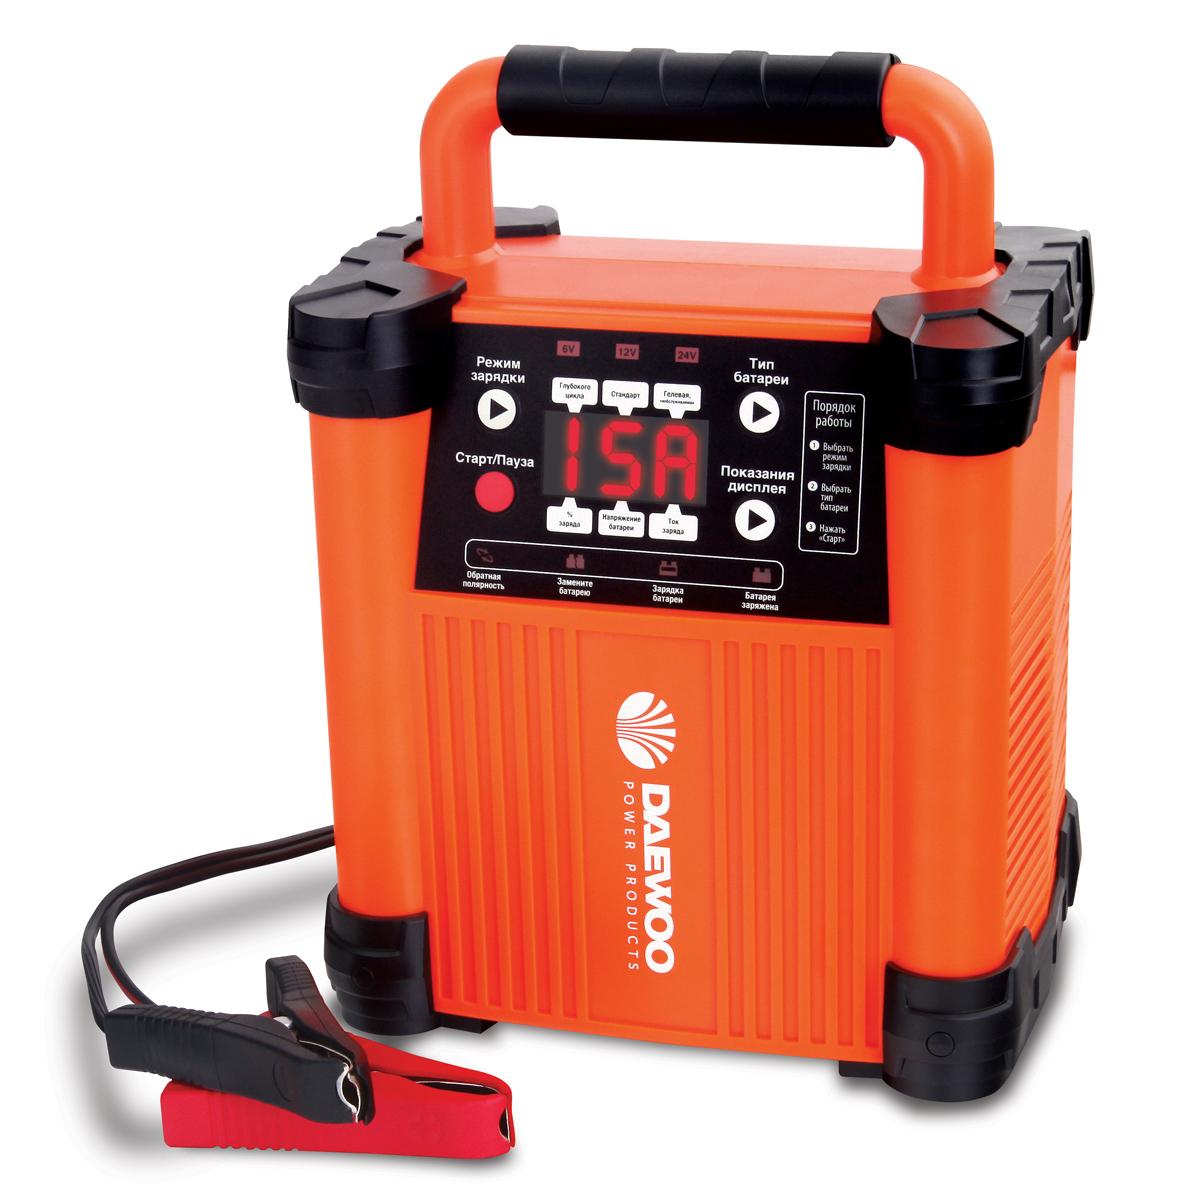 Интеллектуальное зарядное устройство Daewoo 6/12/24 ВDW1500Зарядное устройство DAEWOO. Выходное напряжение: 6/12/24 В Зарядный ток: 15 А Емкость АКБ: до 300 А/ч Количество ступеней зарядки: 6 Режим имитации АКБ: да Функция восстановления АКБ: да Встроенный тест АКБ: да Влагозащита: IP20 Защита от перегрева: да Режим быстрого пуска: да